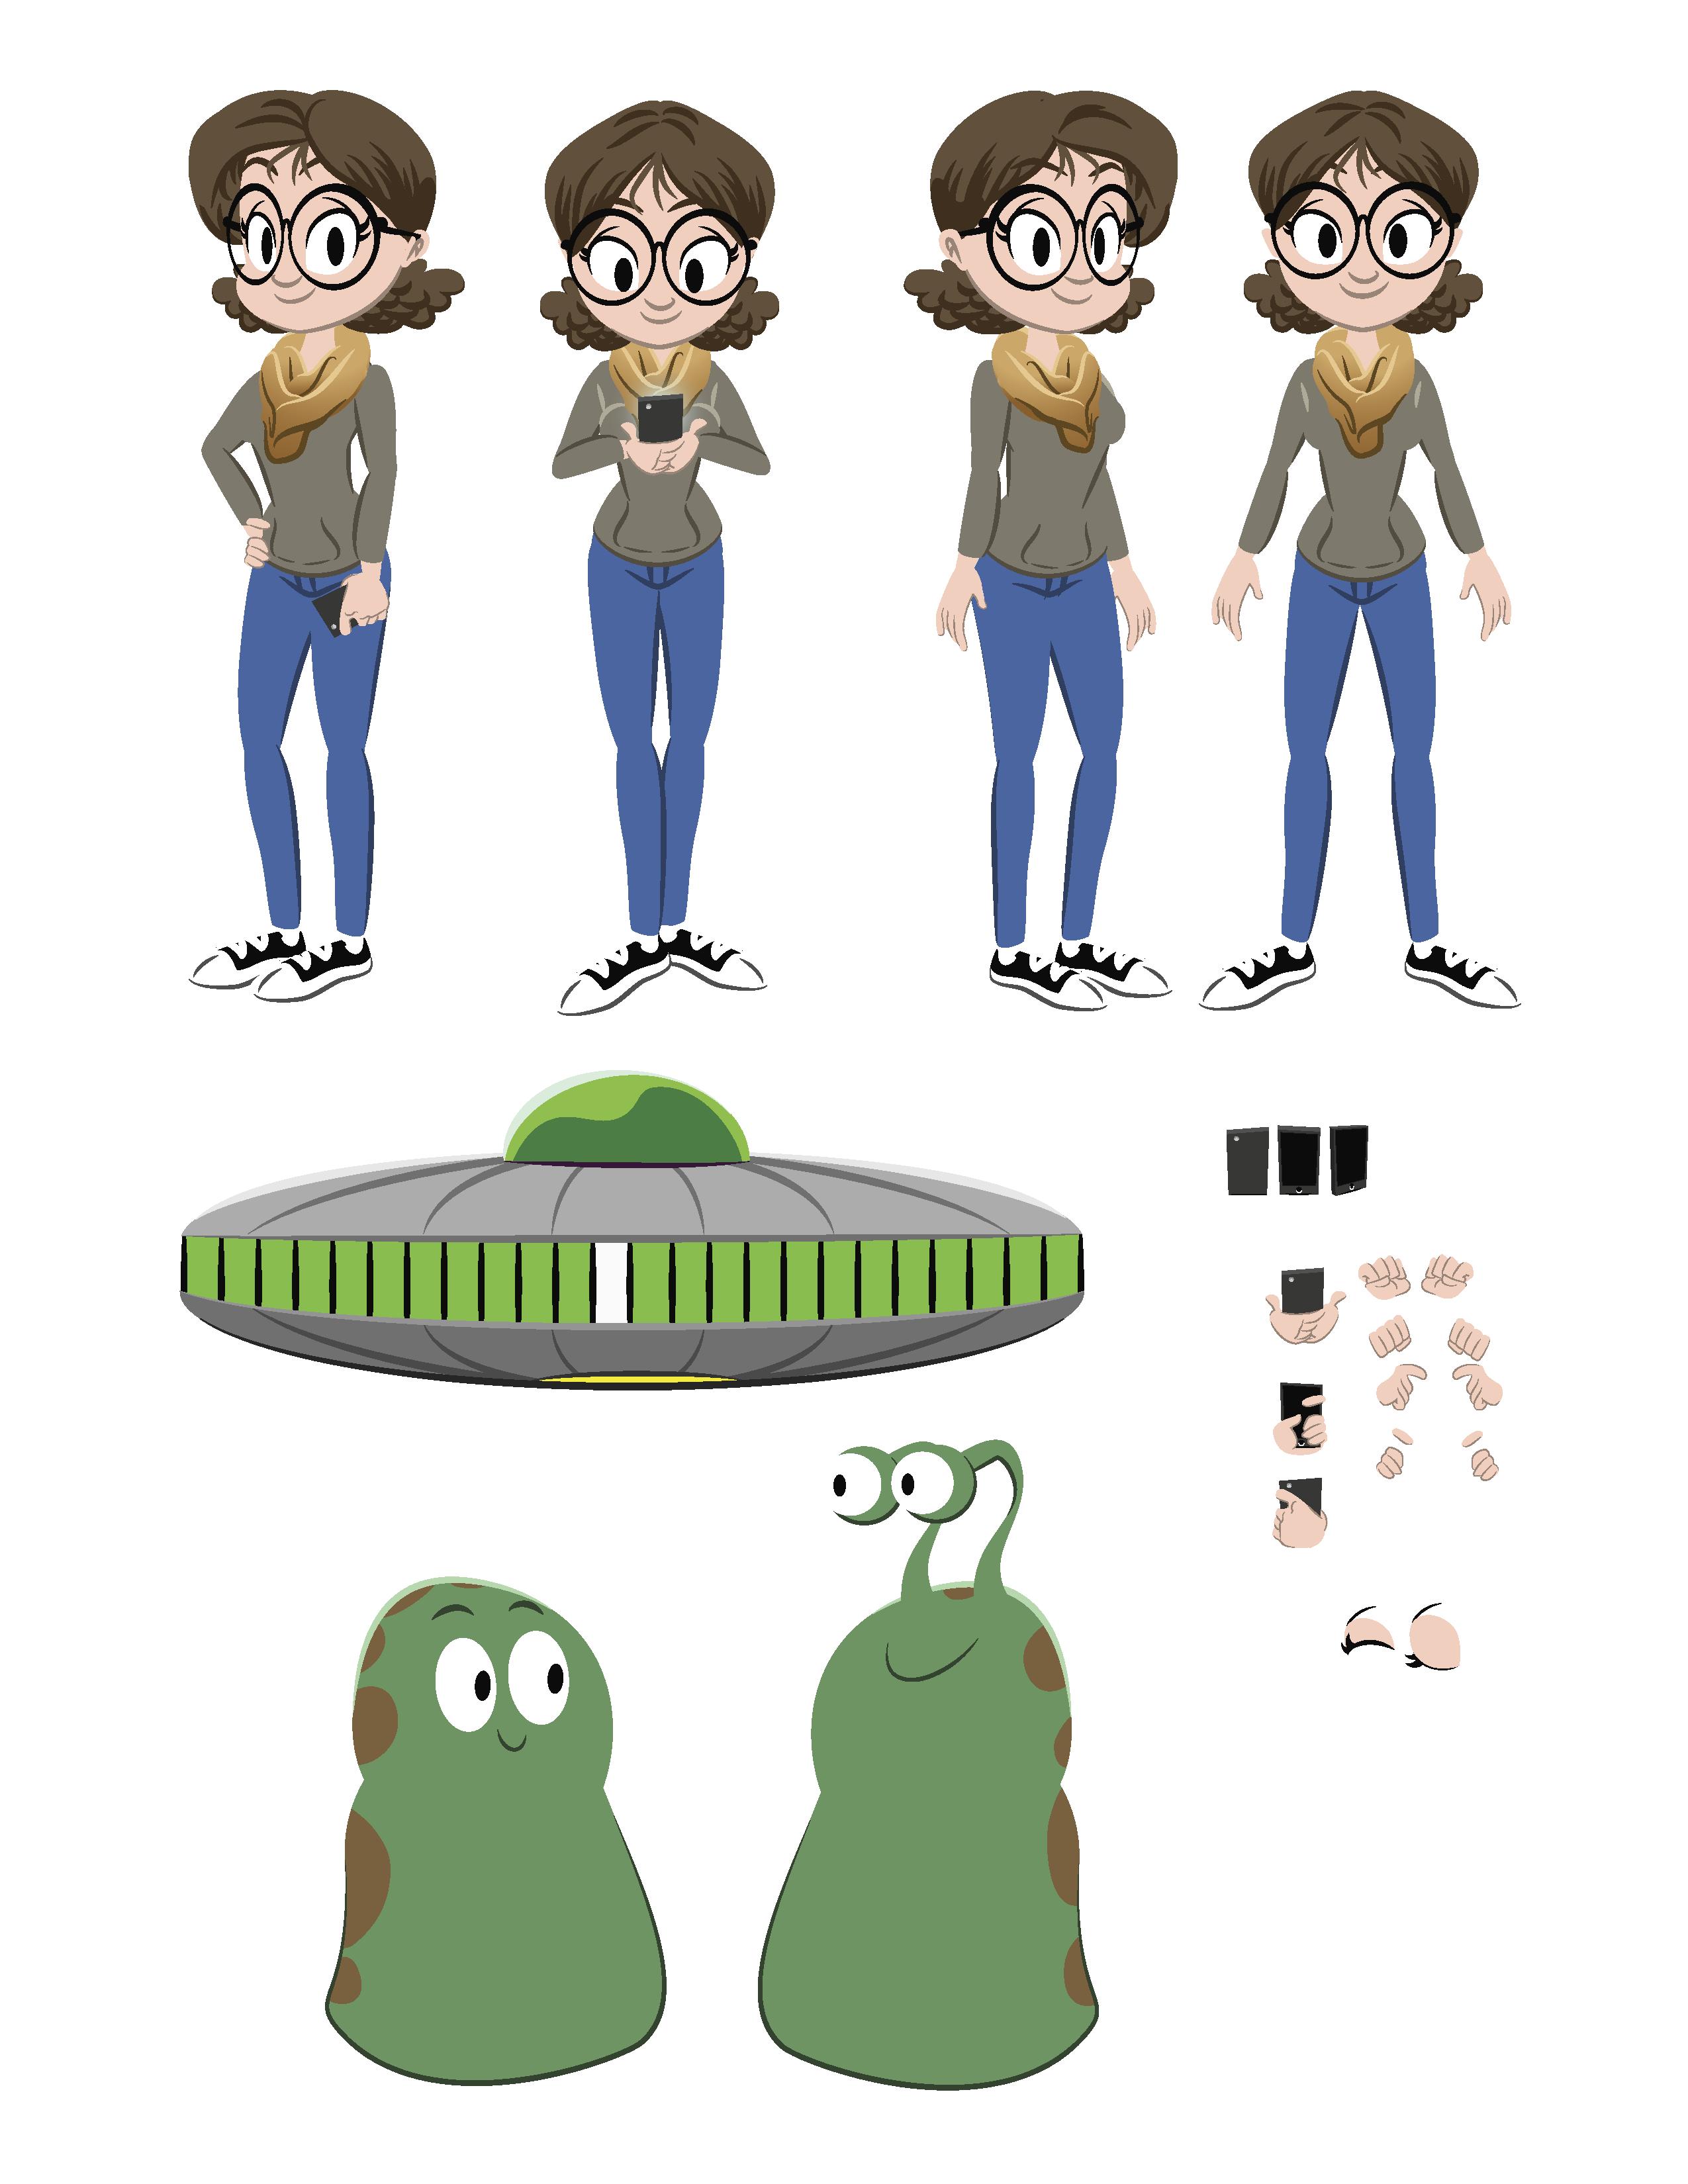 Animation billdrastal com character. Alien clipart alien abduction